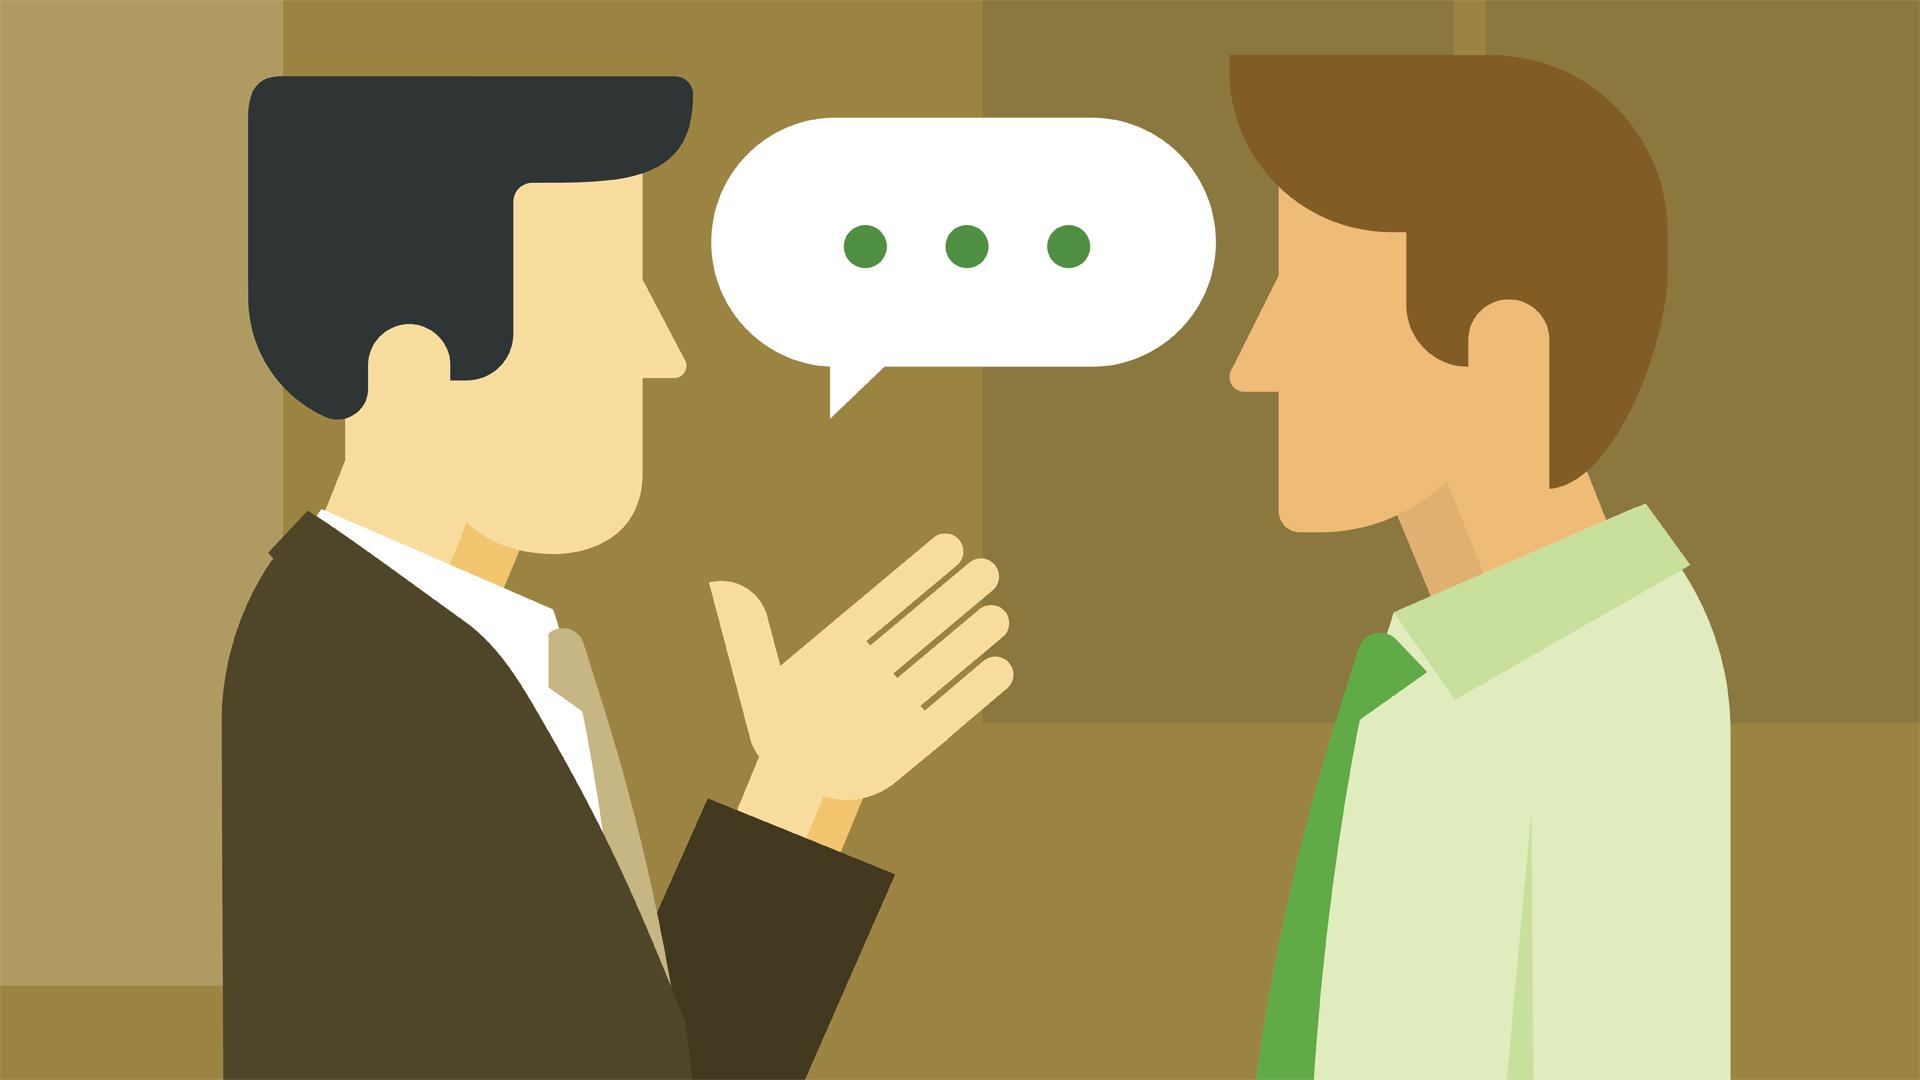 جادوی گوش دادن برای کمک به تغییر در افراد